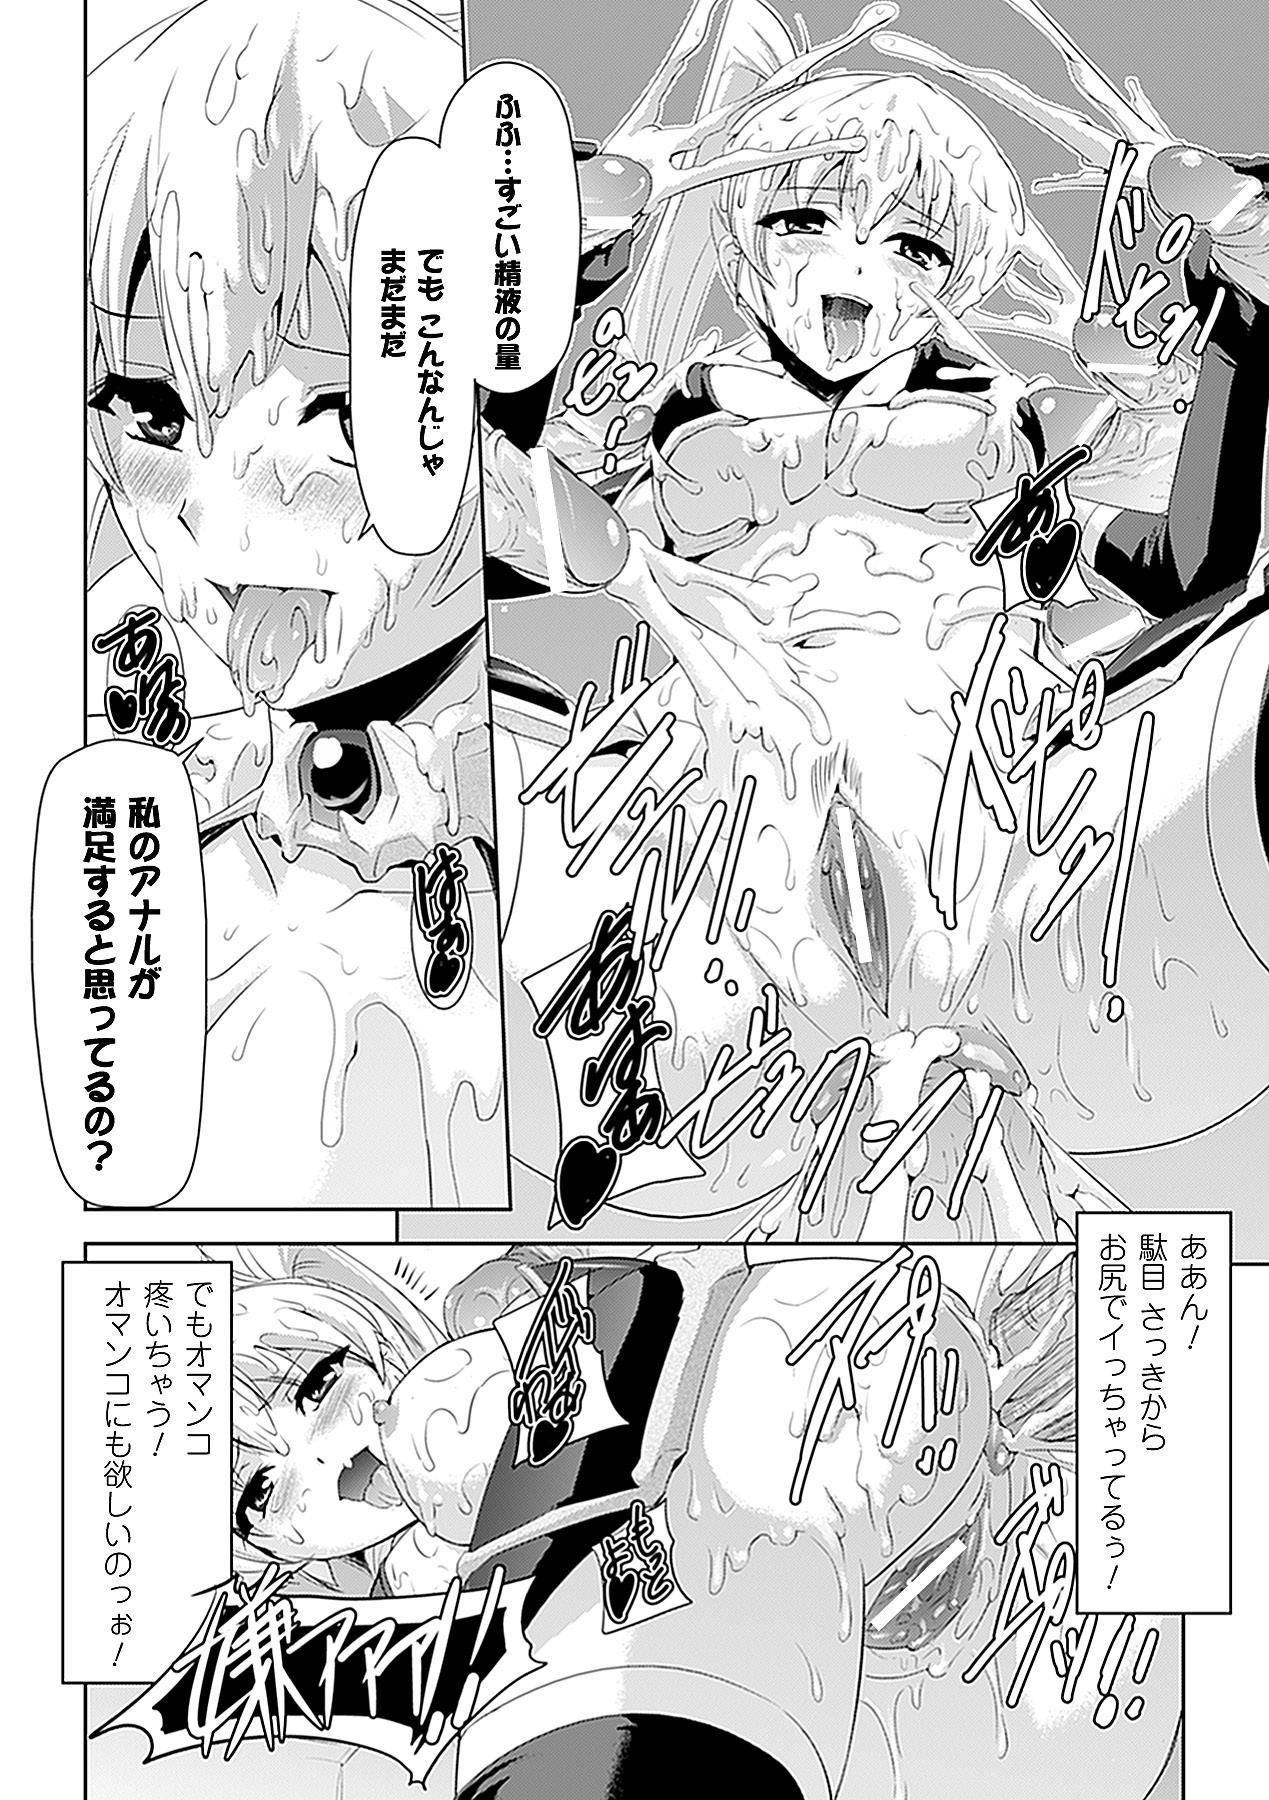 Shirayuri no Kenshi 75